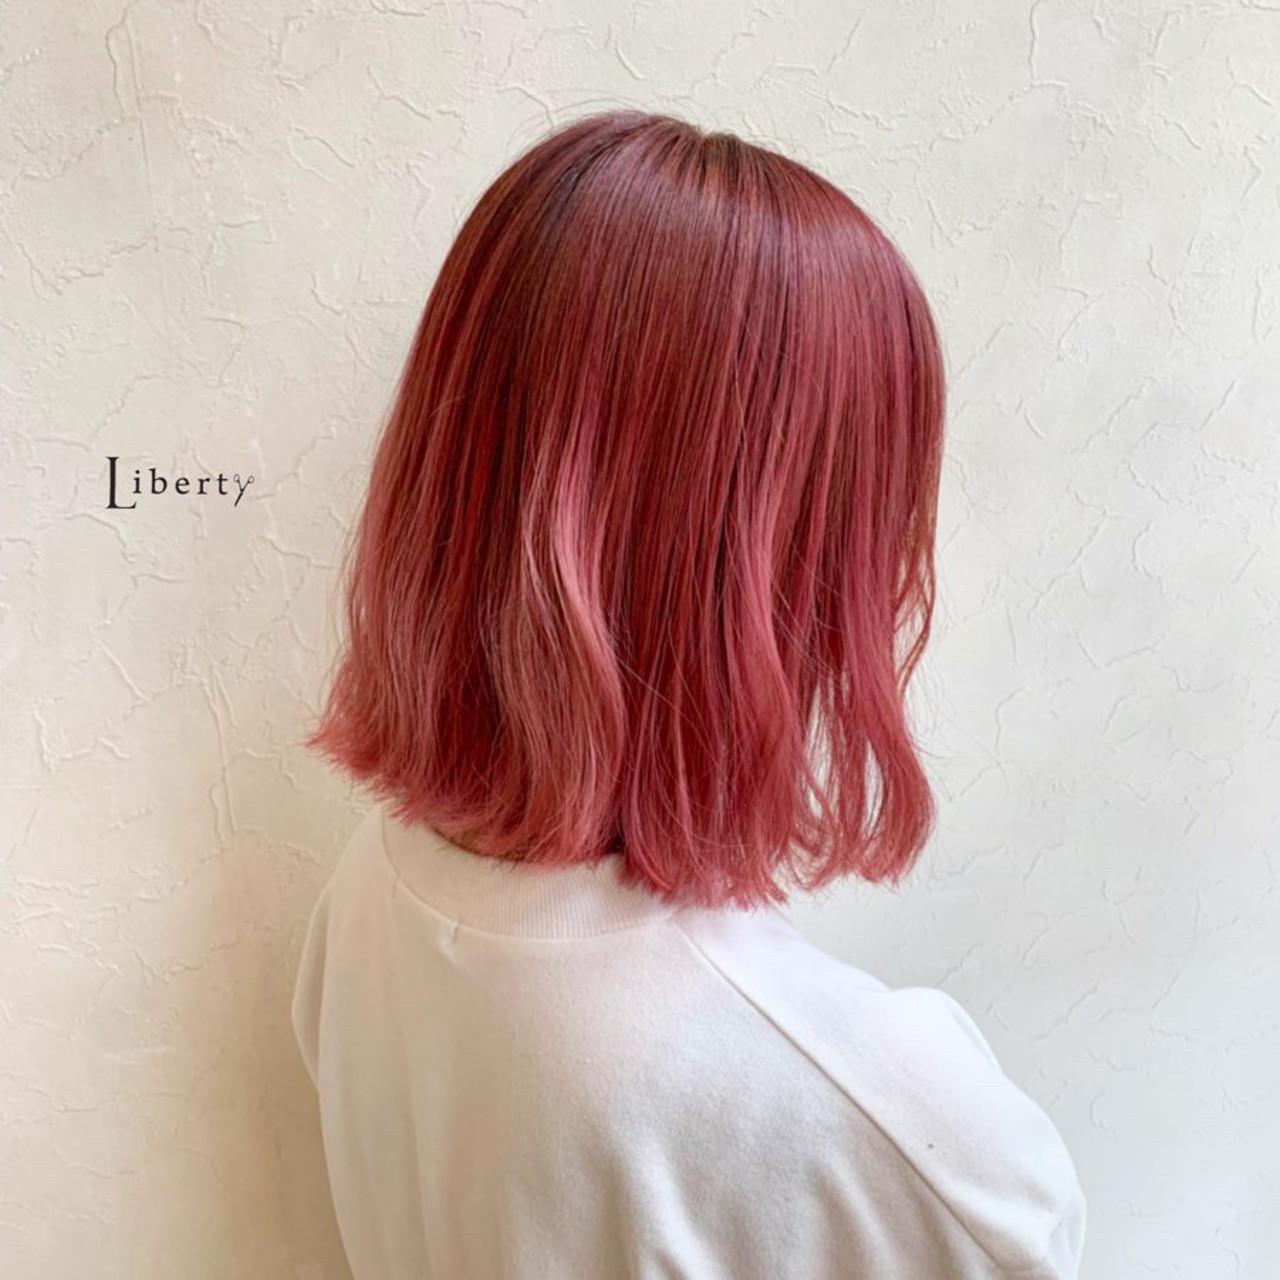 ベリーピンク ミディアム 派手髪 チェリーレッド ヘアスタイルや髪型の写真・画像